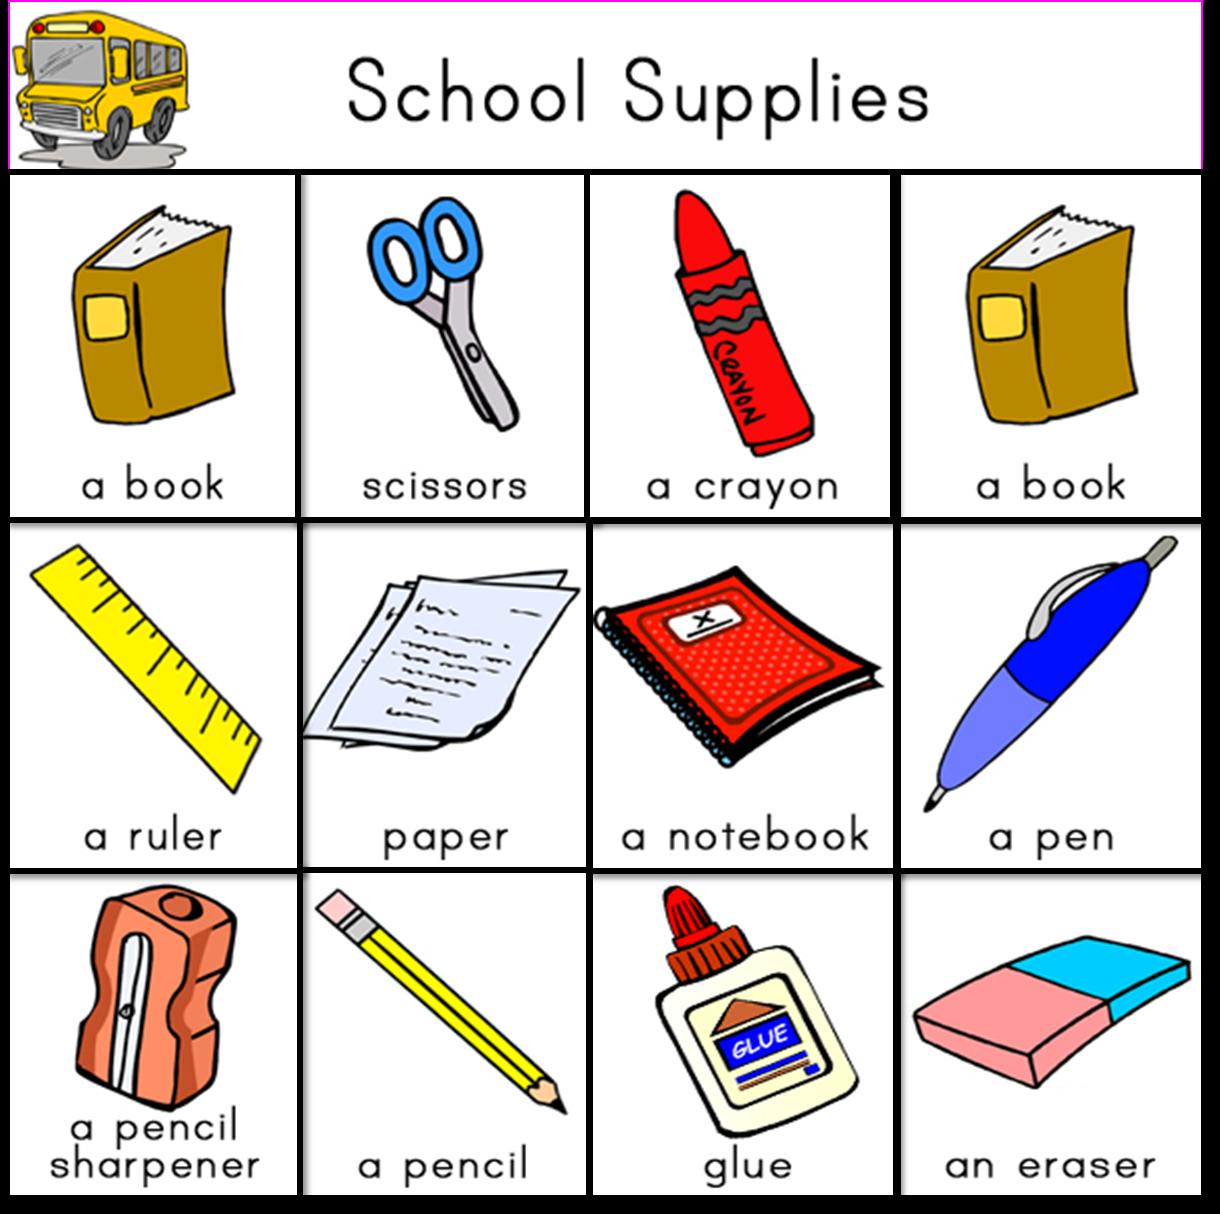 En Este Blog Encontrarás Actividades Juegos Y Recursos Para El Aprendizaje Y La Enseñanza Del Ingles Para Preescolar Inglés Para Niños Juegos Ingles Infantil